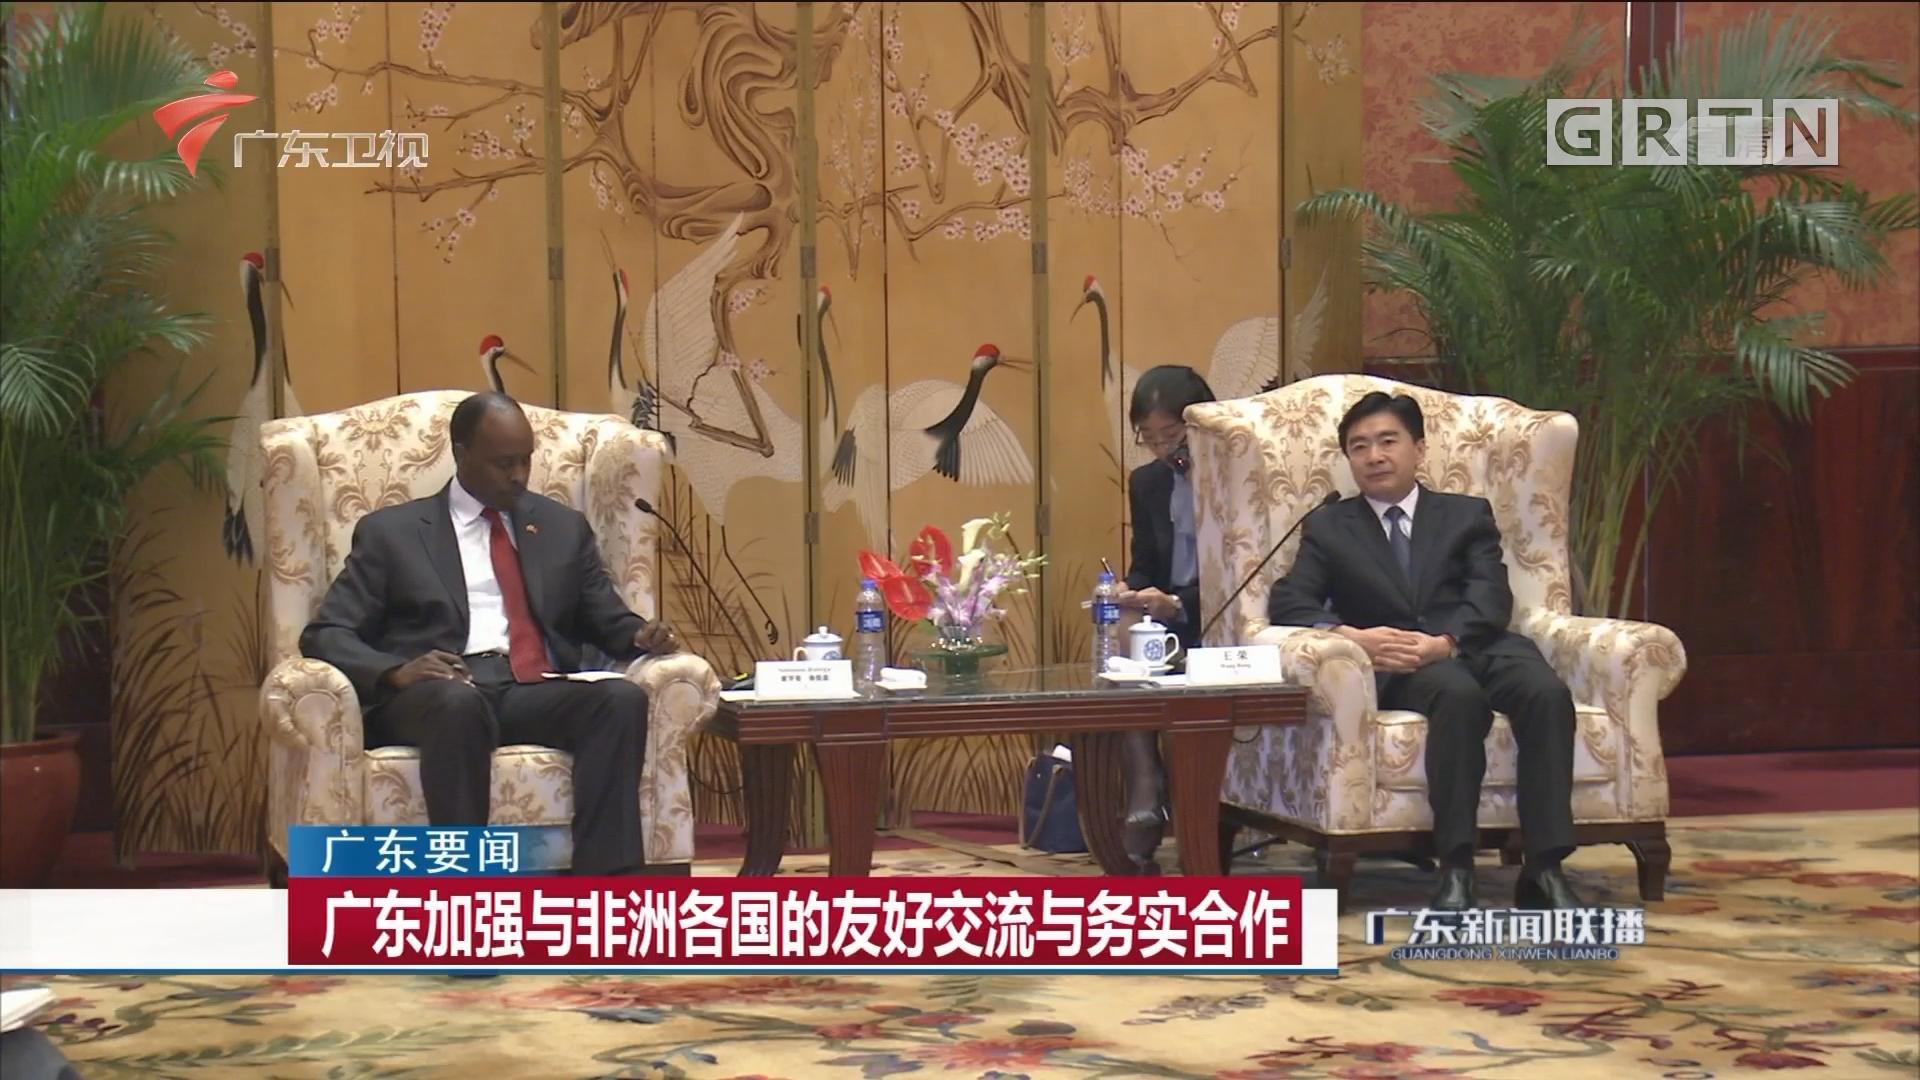 广东加强与非洲各国的友好交流与务实合作